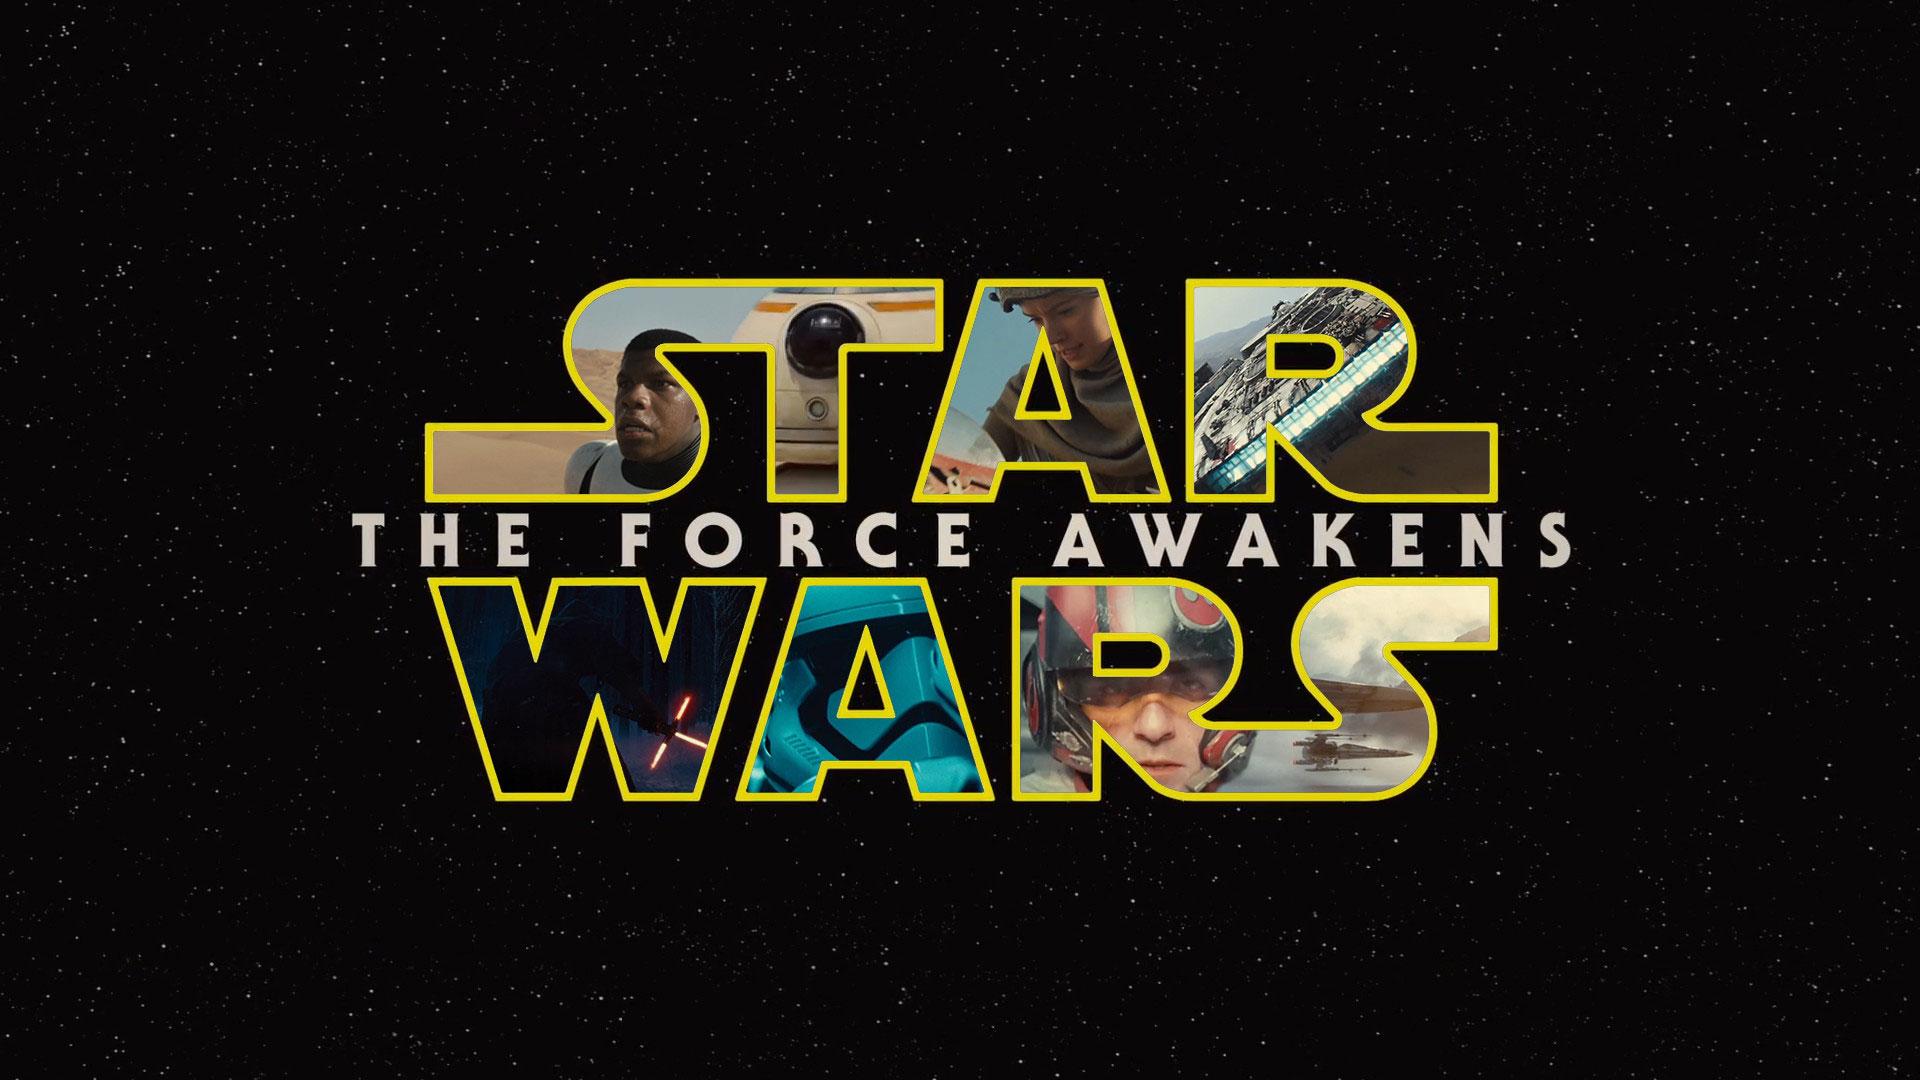 Star Wars: The Force Awakens'dan Vizyon Öncesi Son Fragman Yayınlandı!